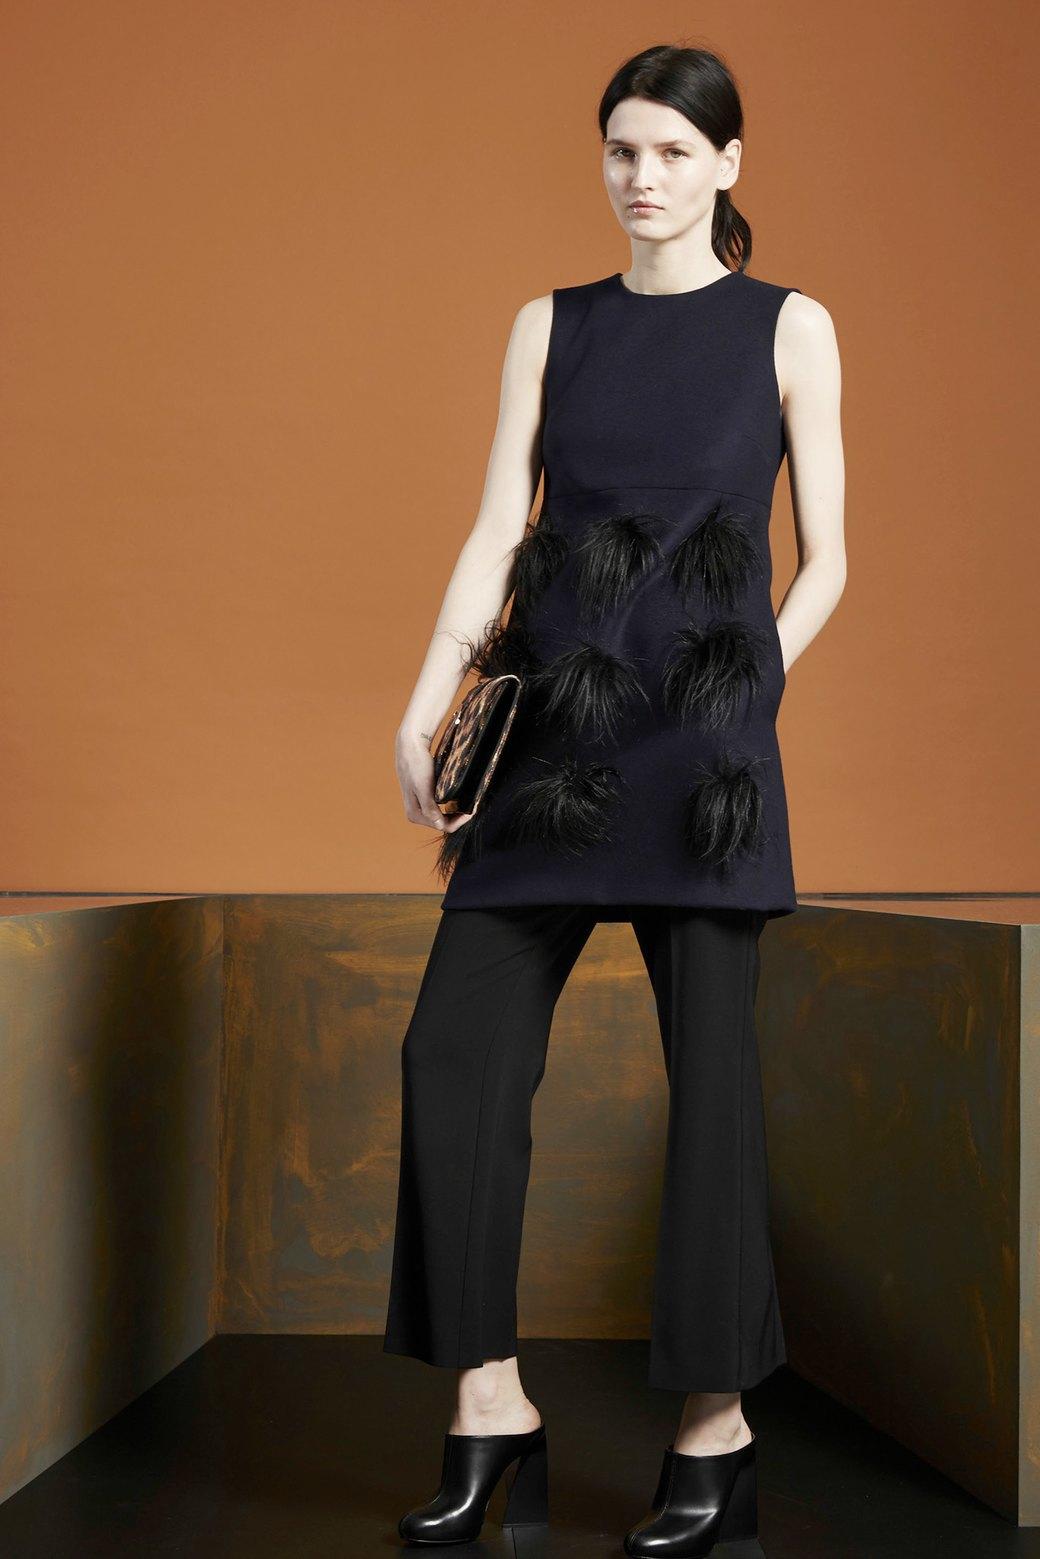 Платье на брюки:  Как использовать  многослойность. Изображение № 4.